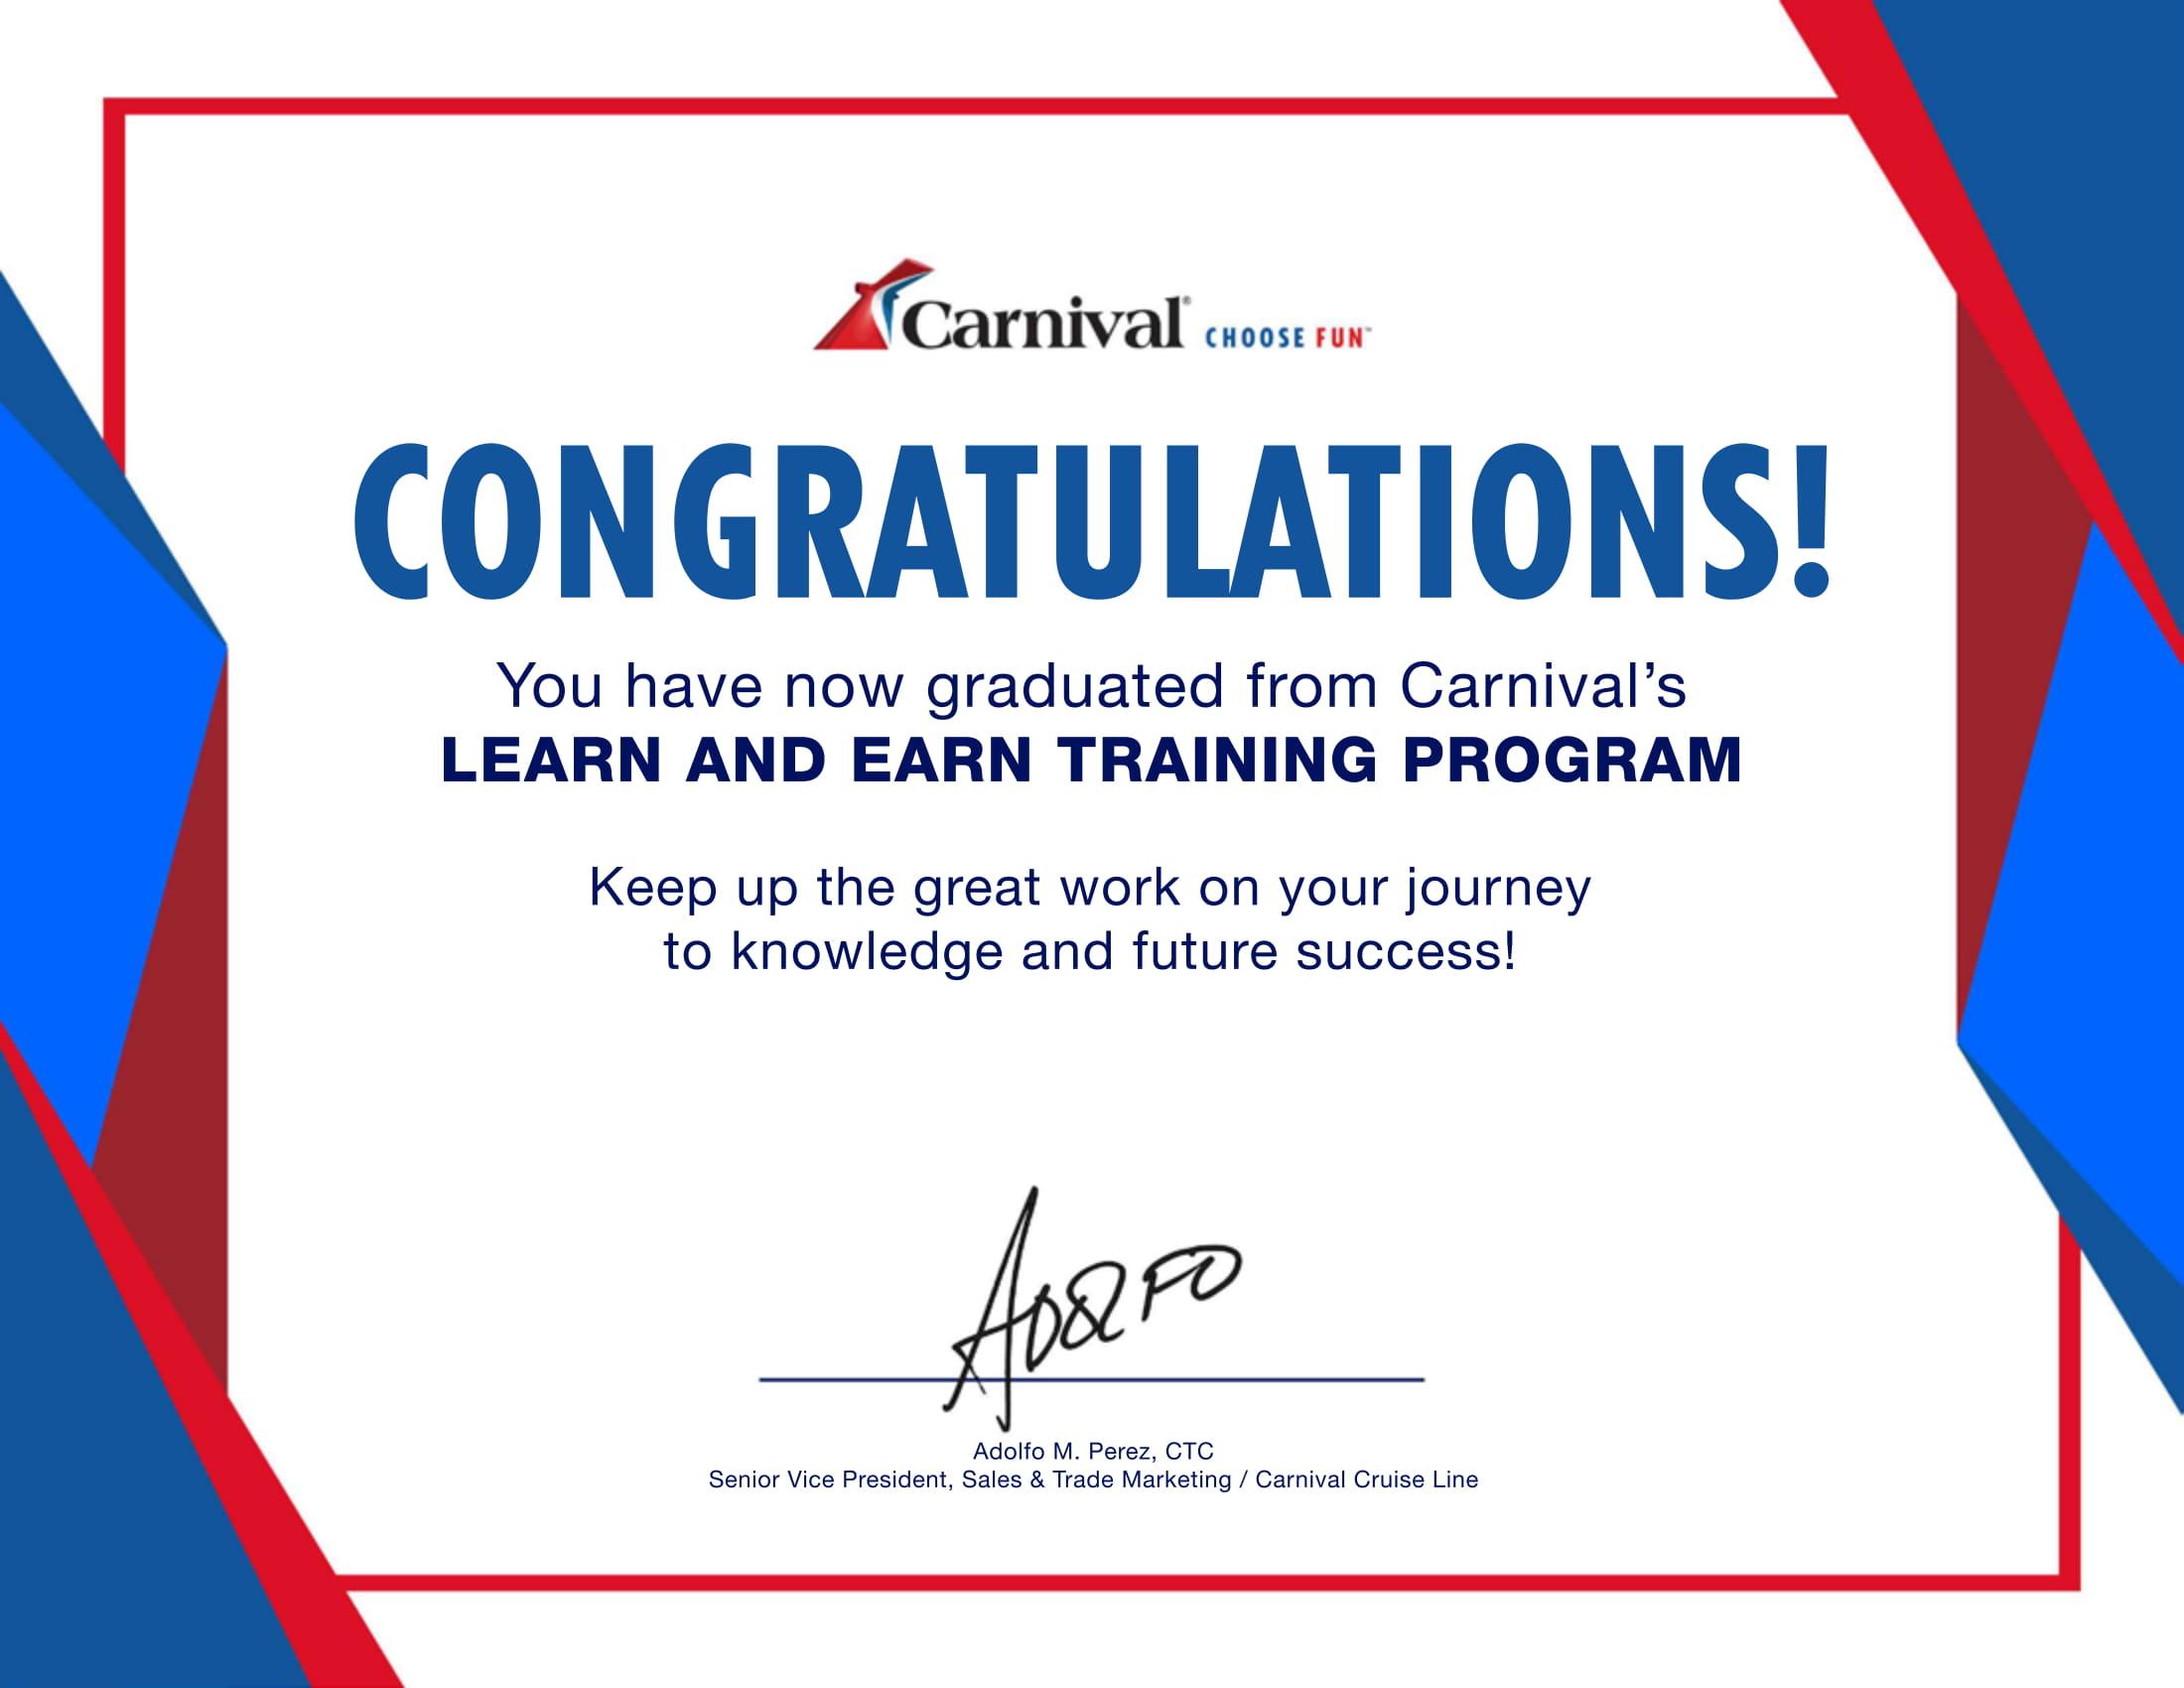 Carnival Cruises LearnAndEarn_Certificate-1